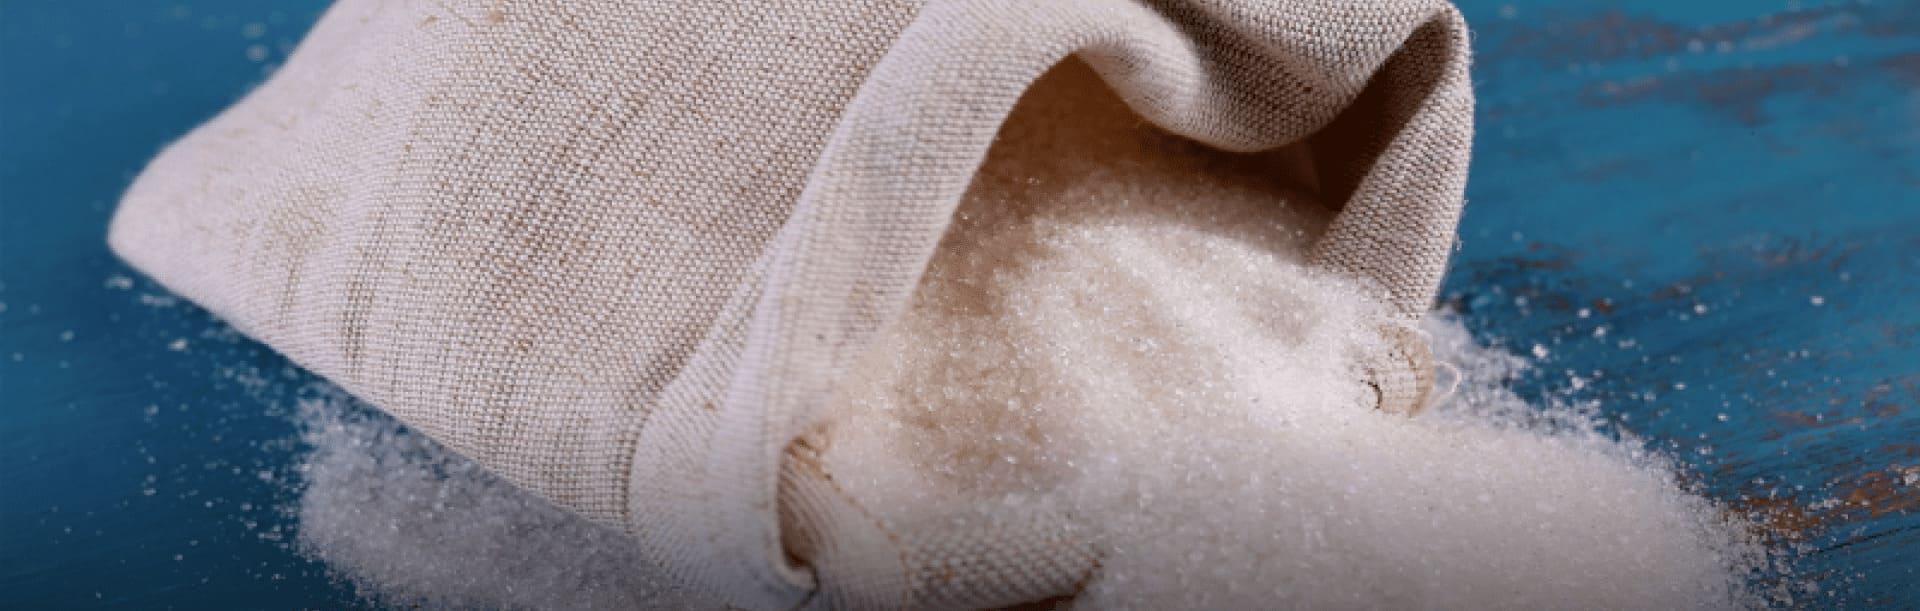 Foto ilustrativa de grãos de açúcar